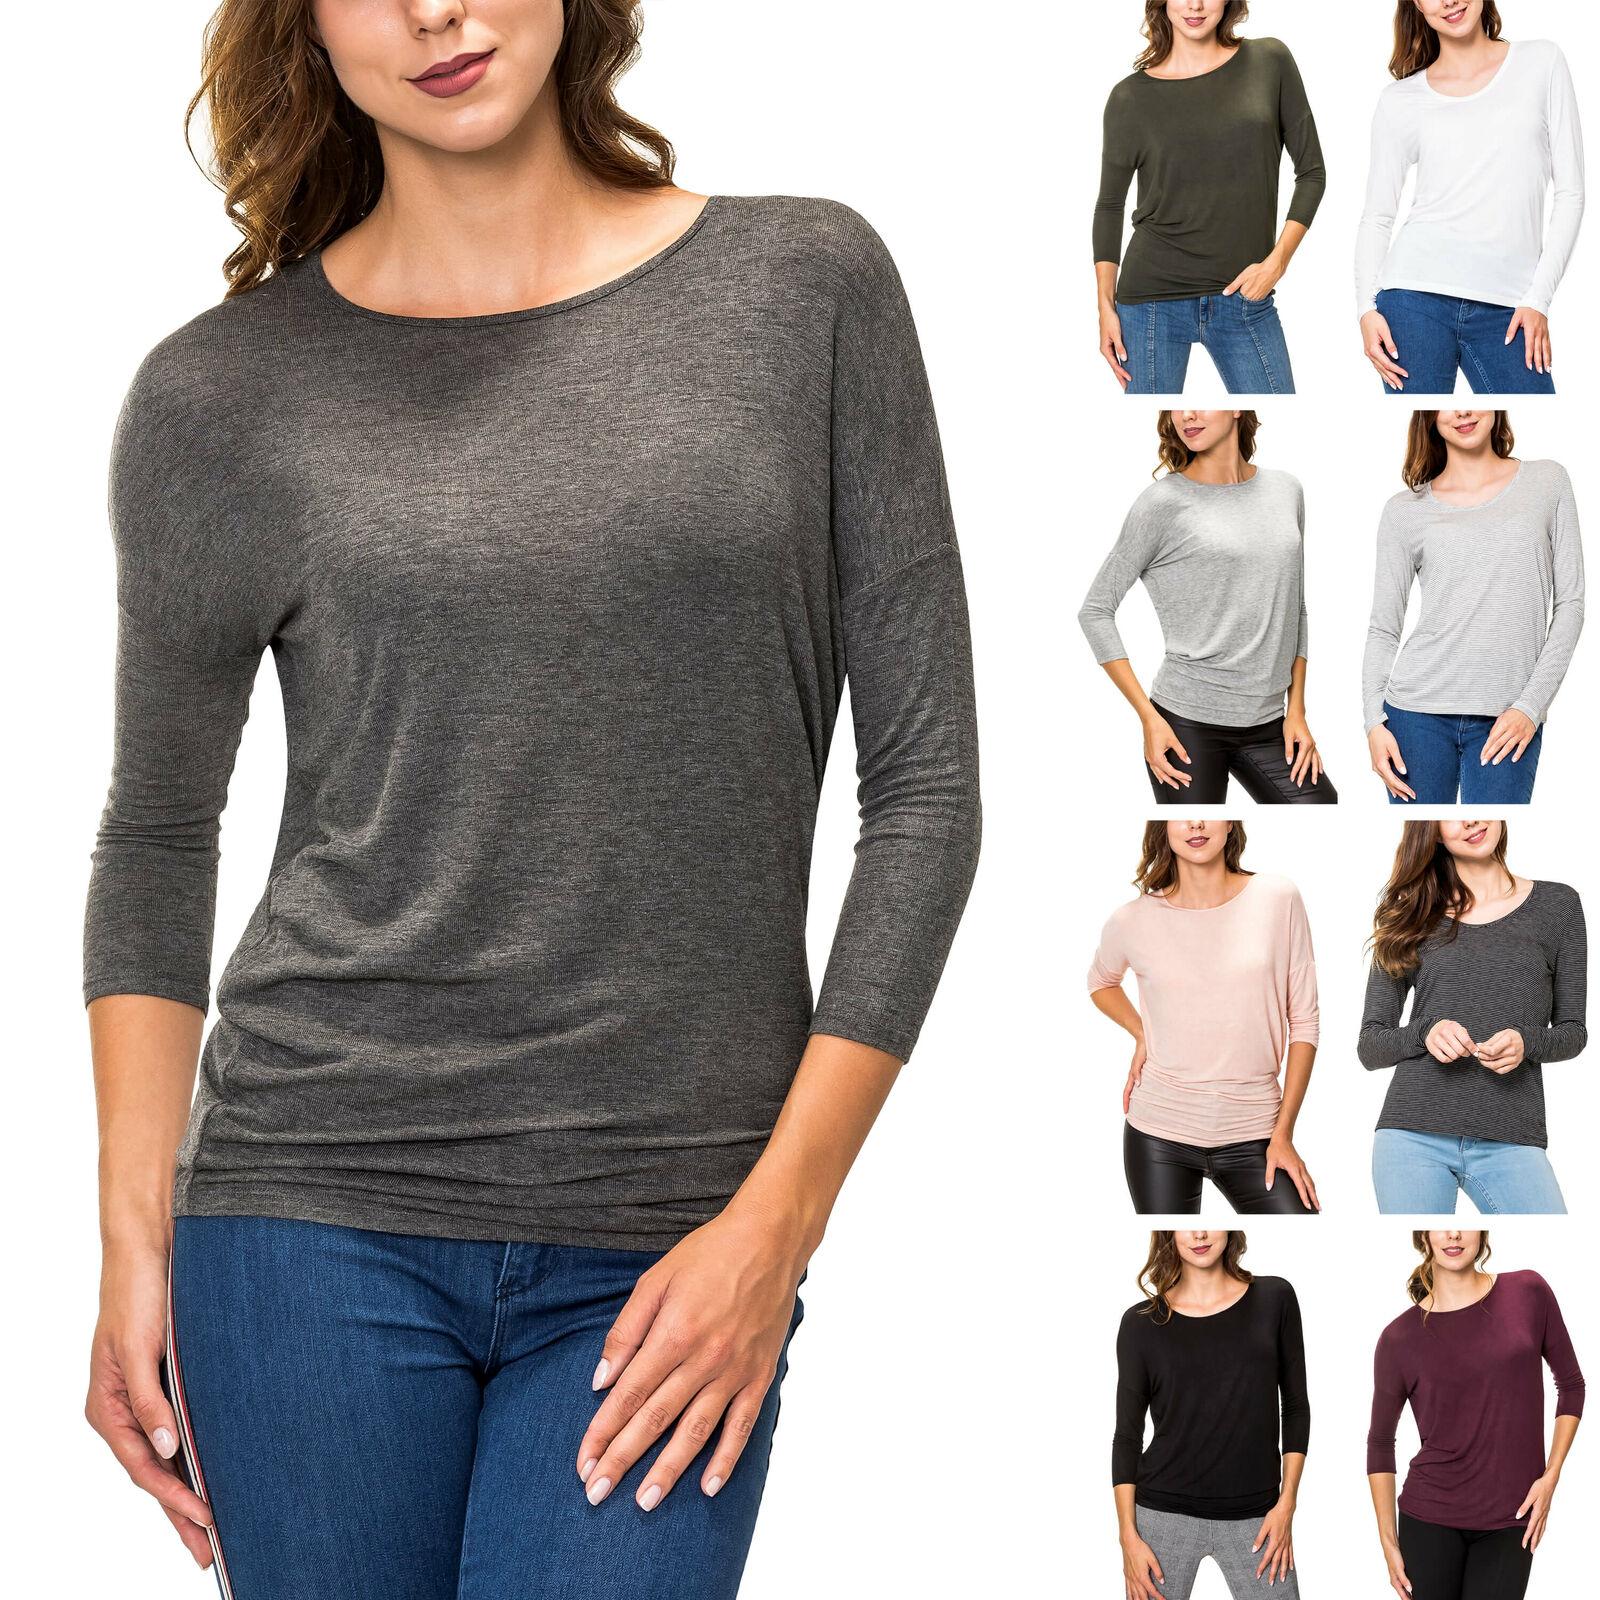 Pieces Damen Langarmshirt Longsleeve T-Shirt Shirt Unifarben O-Neck Damenshirt